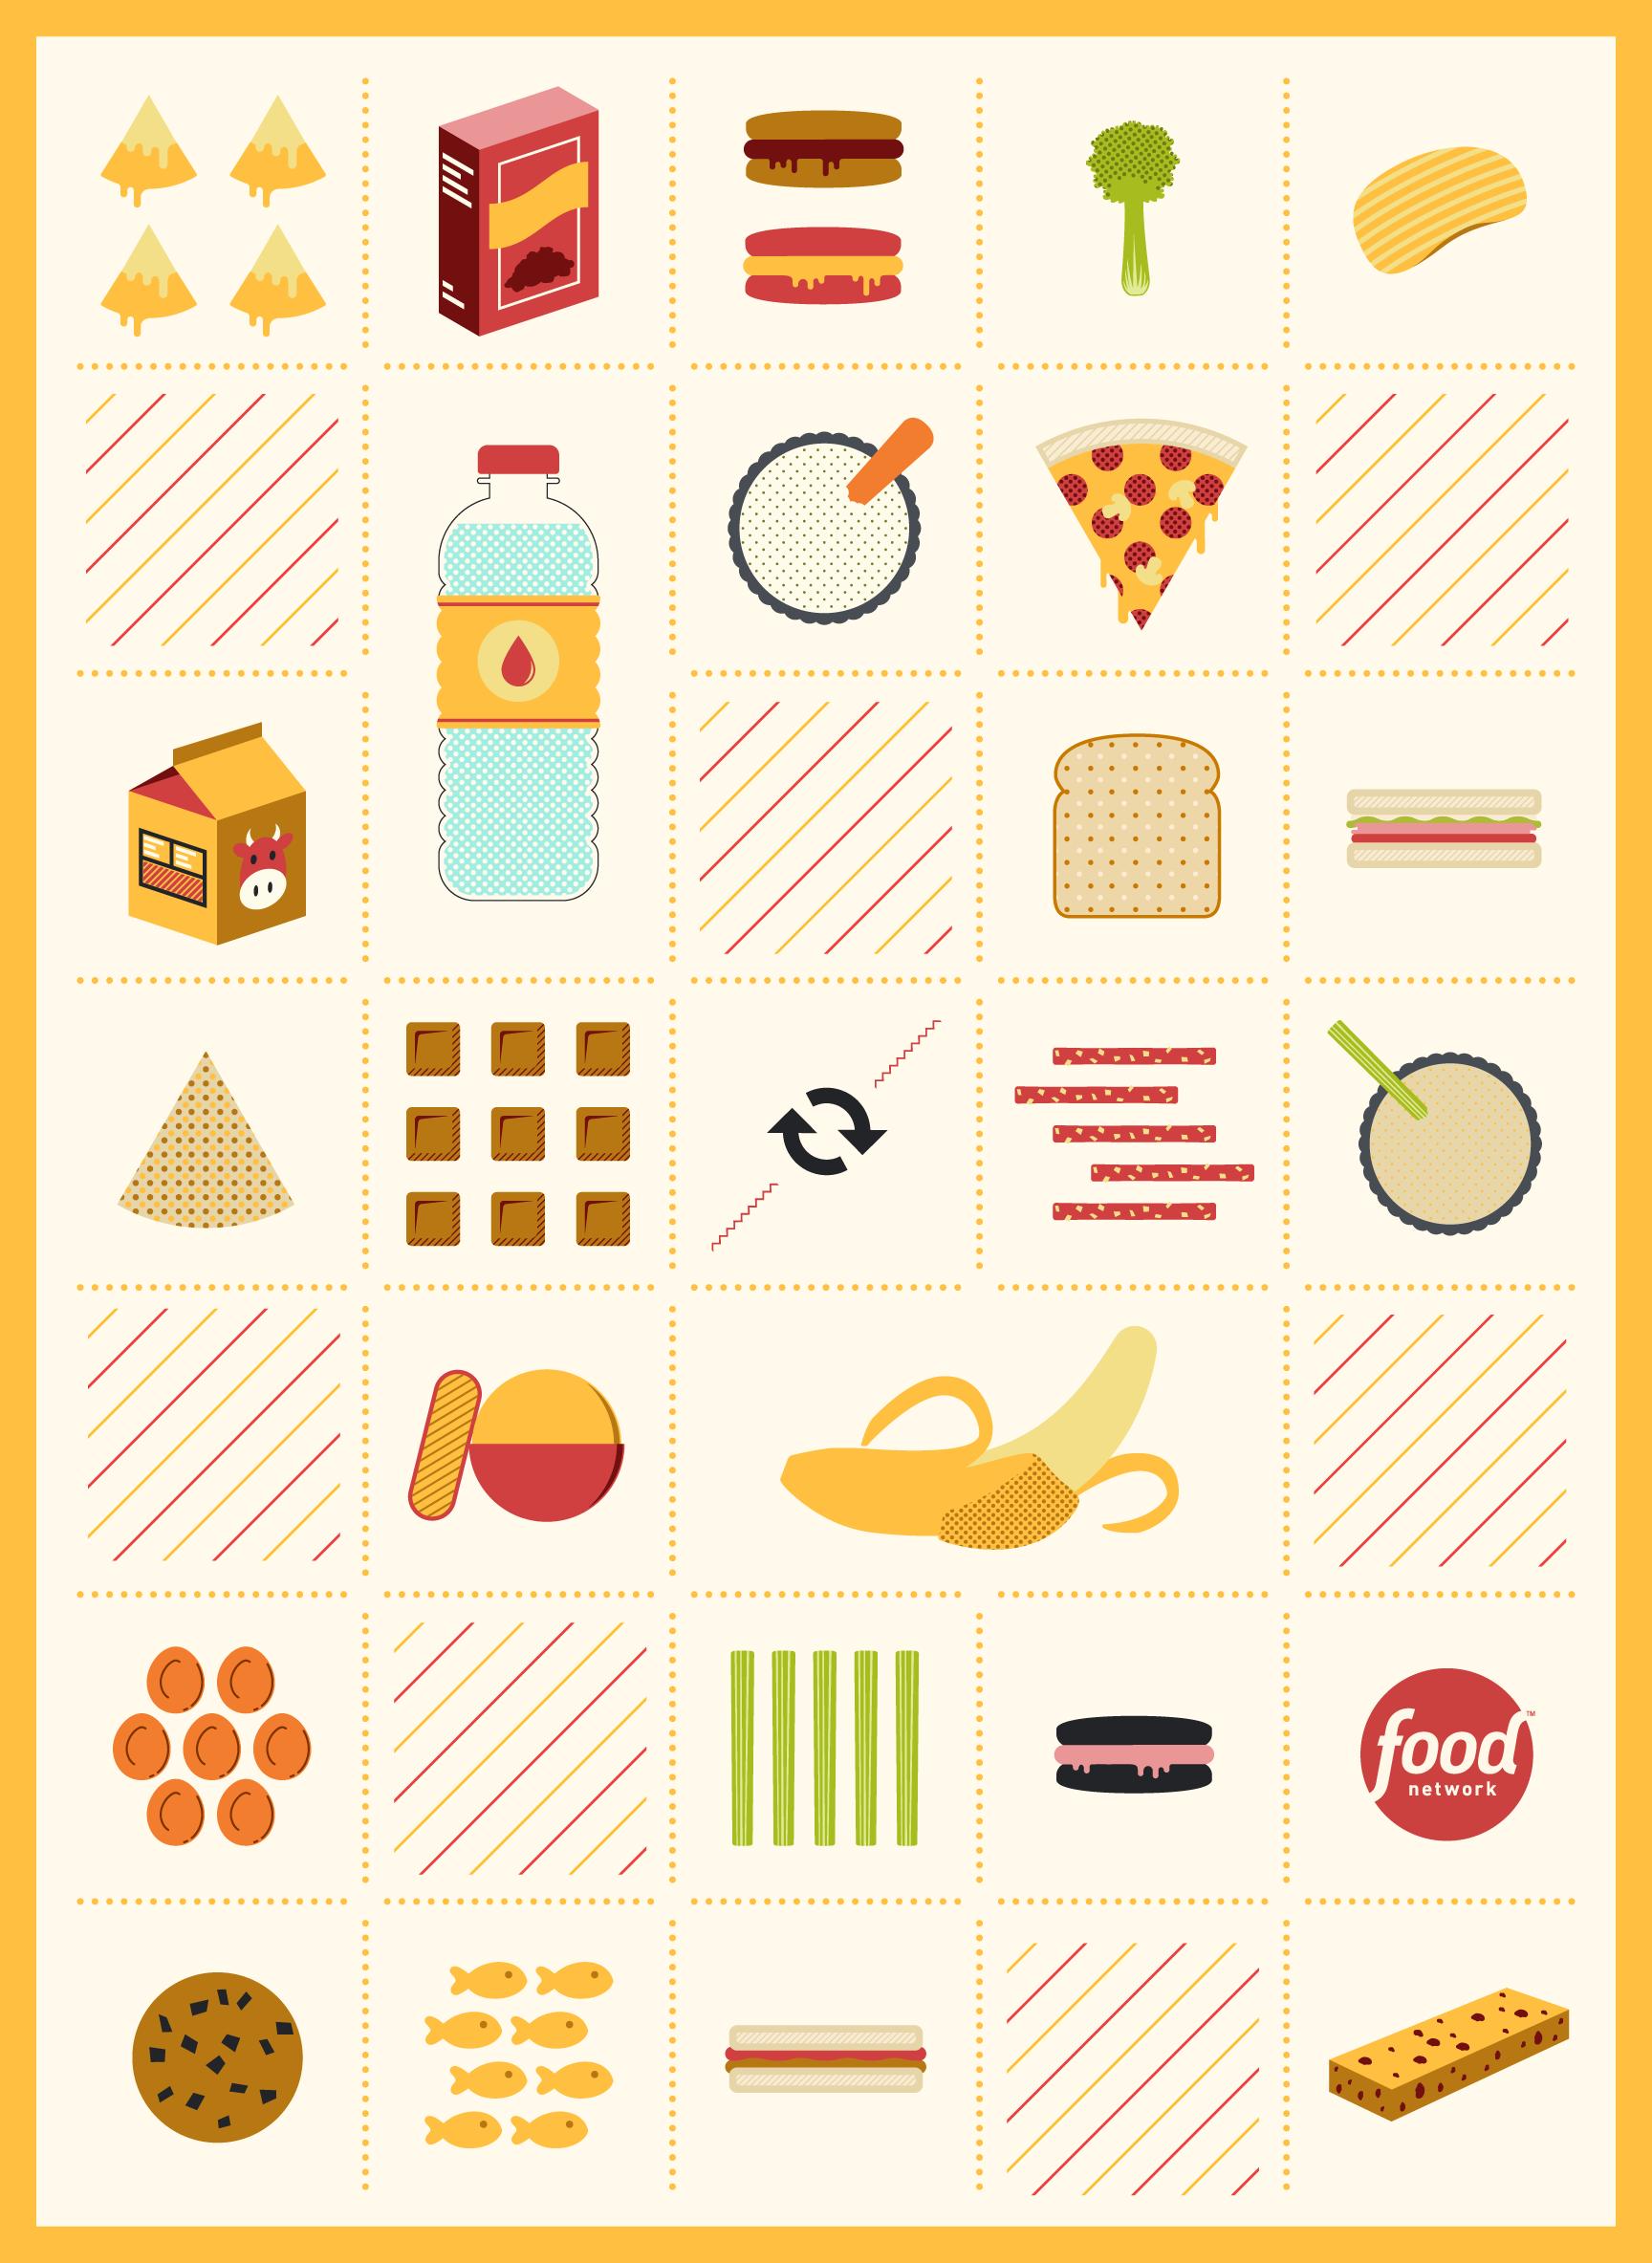 foodnetwork_illustrations.png